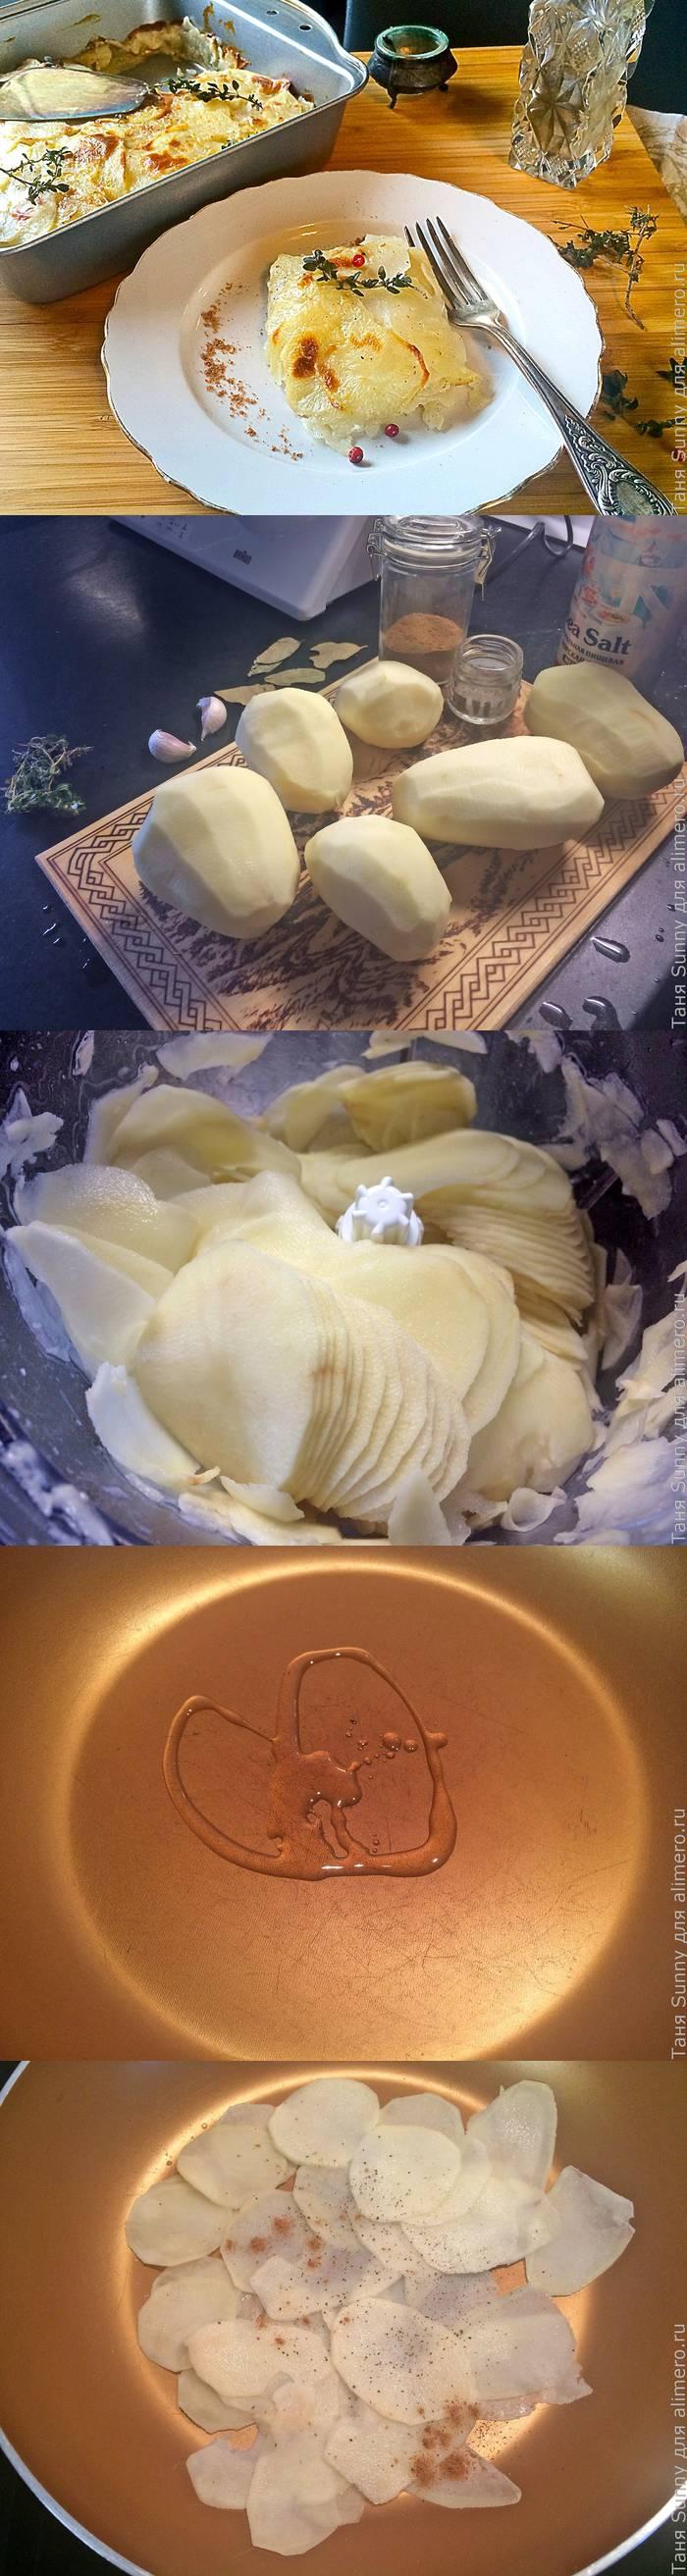 Гратен картофельный дофинуа